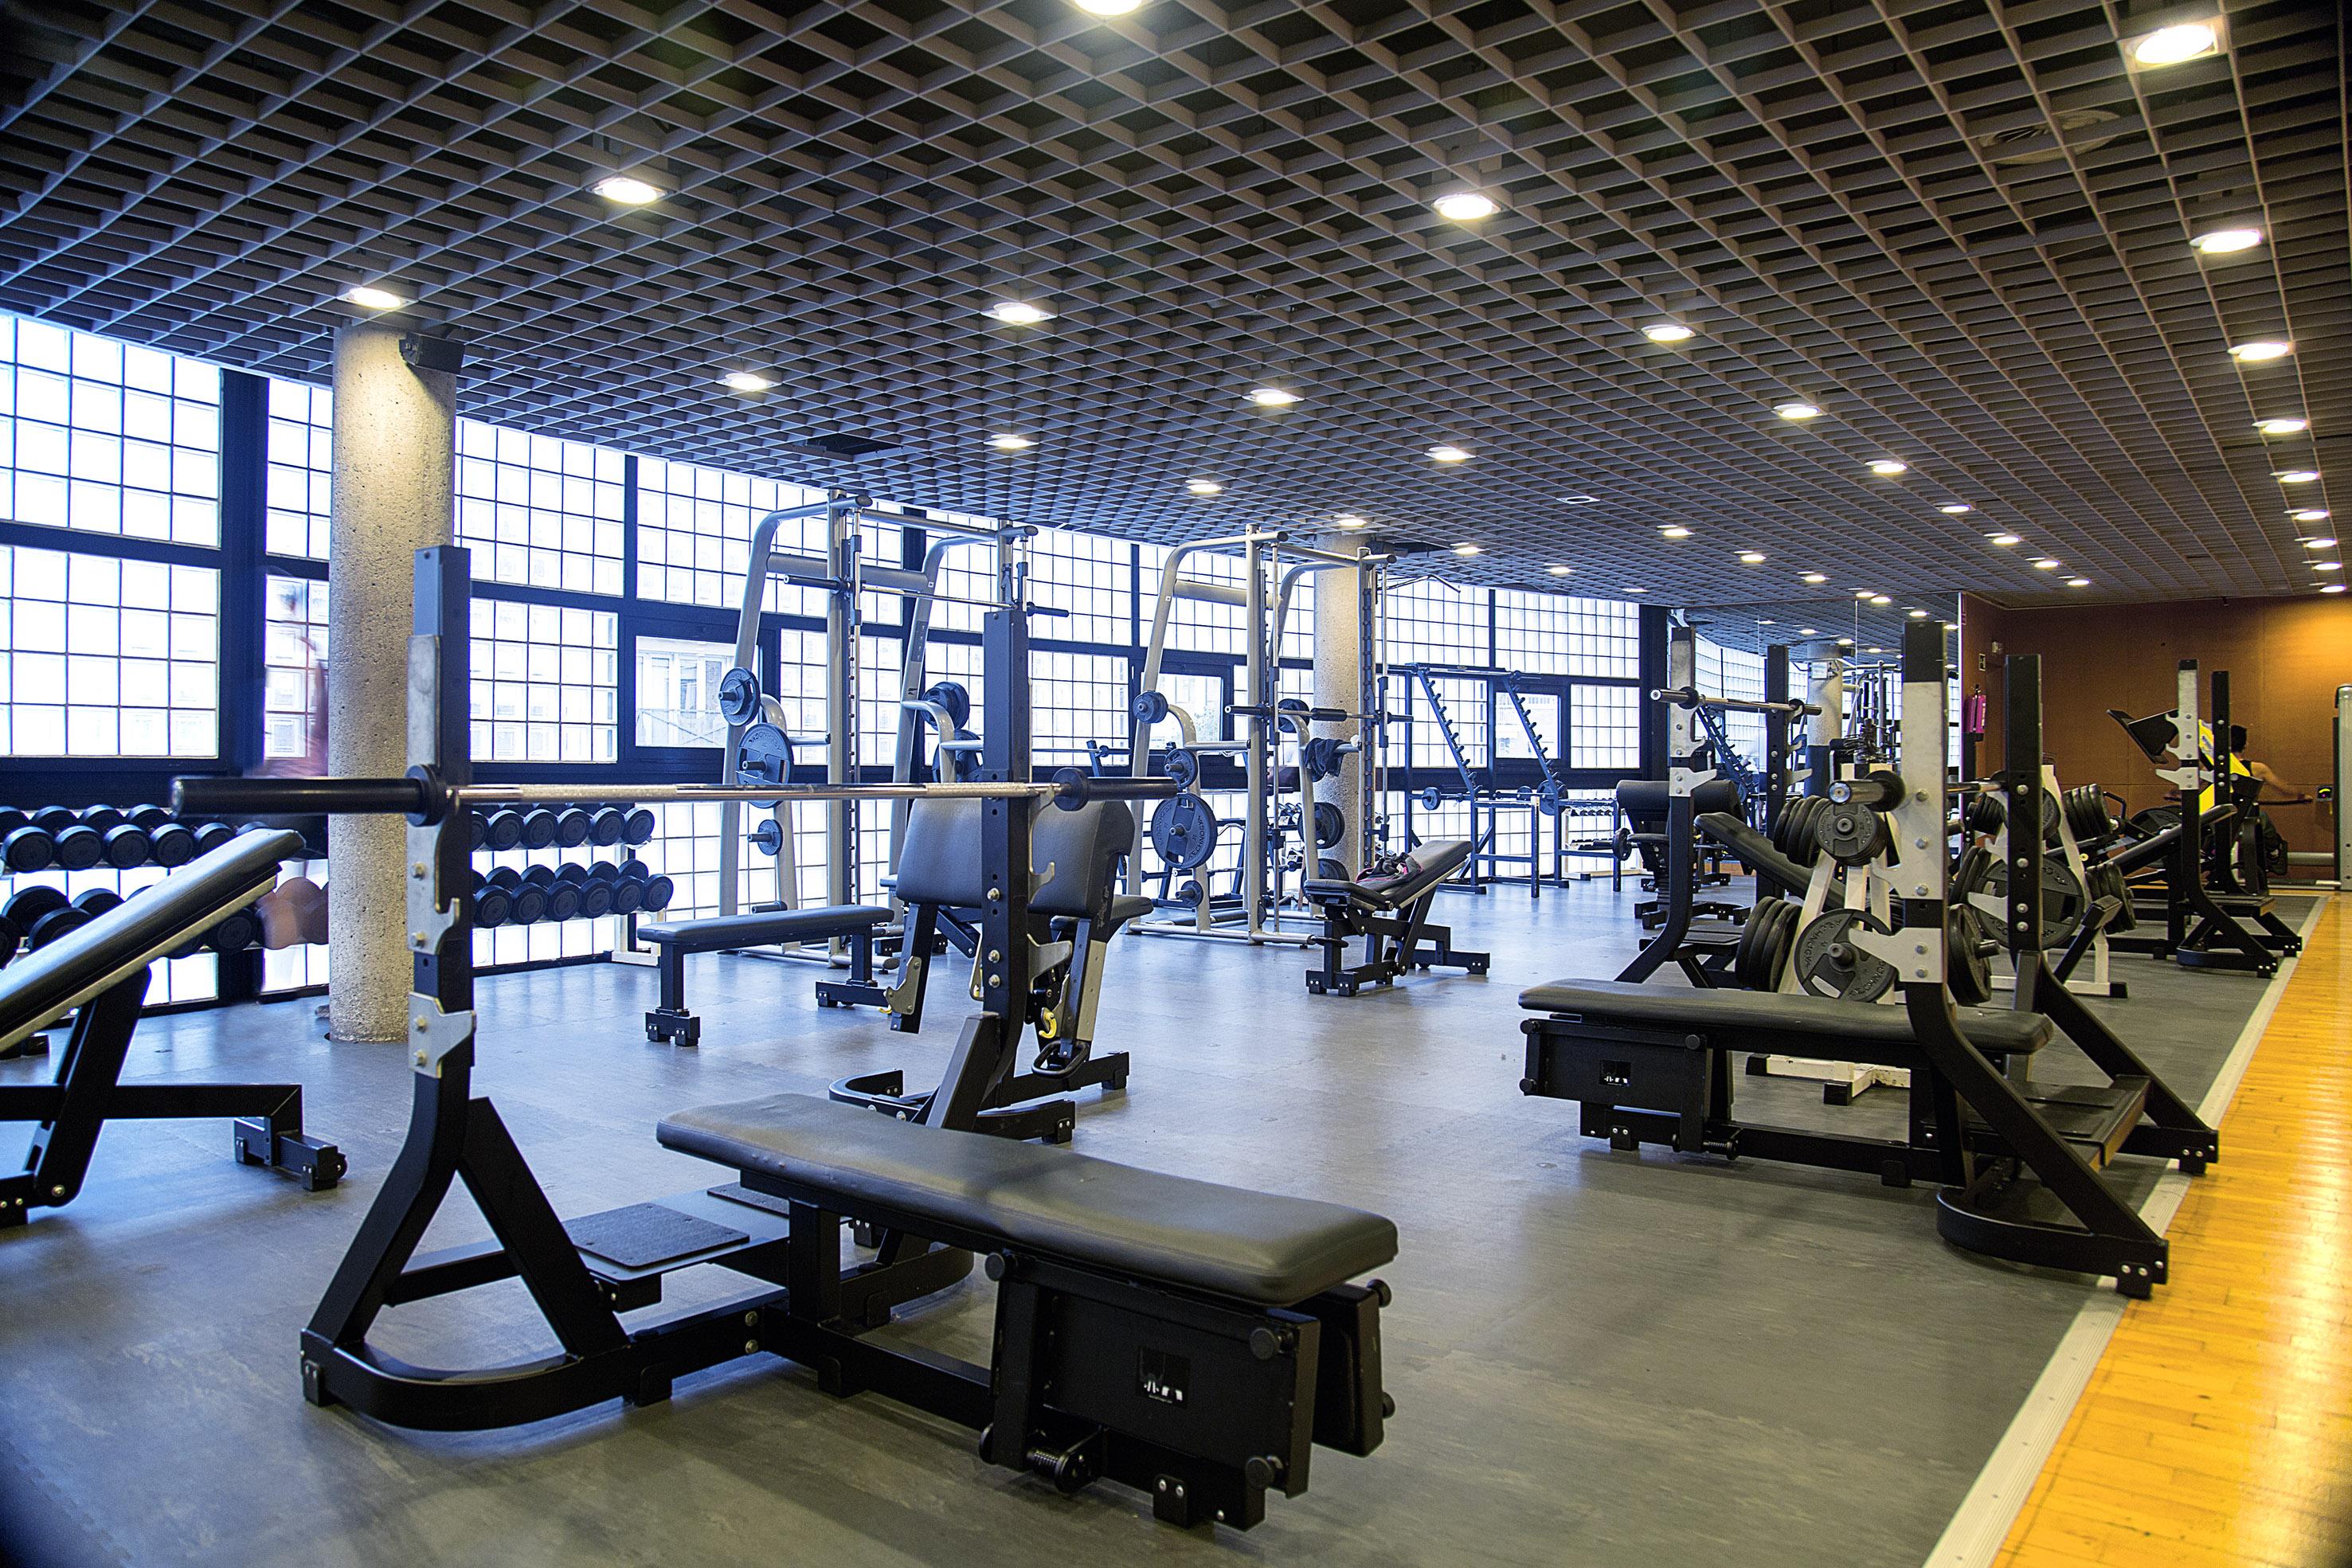 También podría interesarte Hotel TRYP Barcelona Apolo Hotel